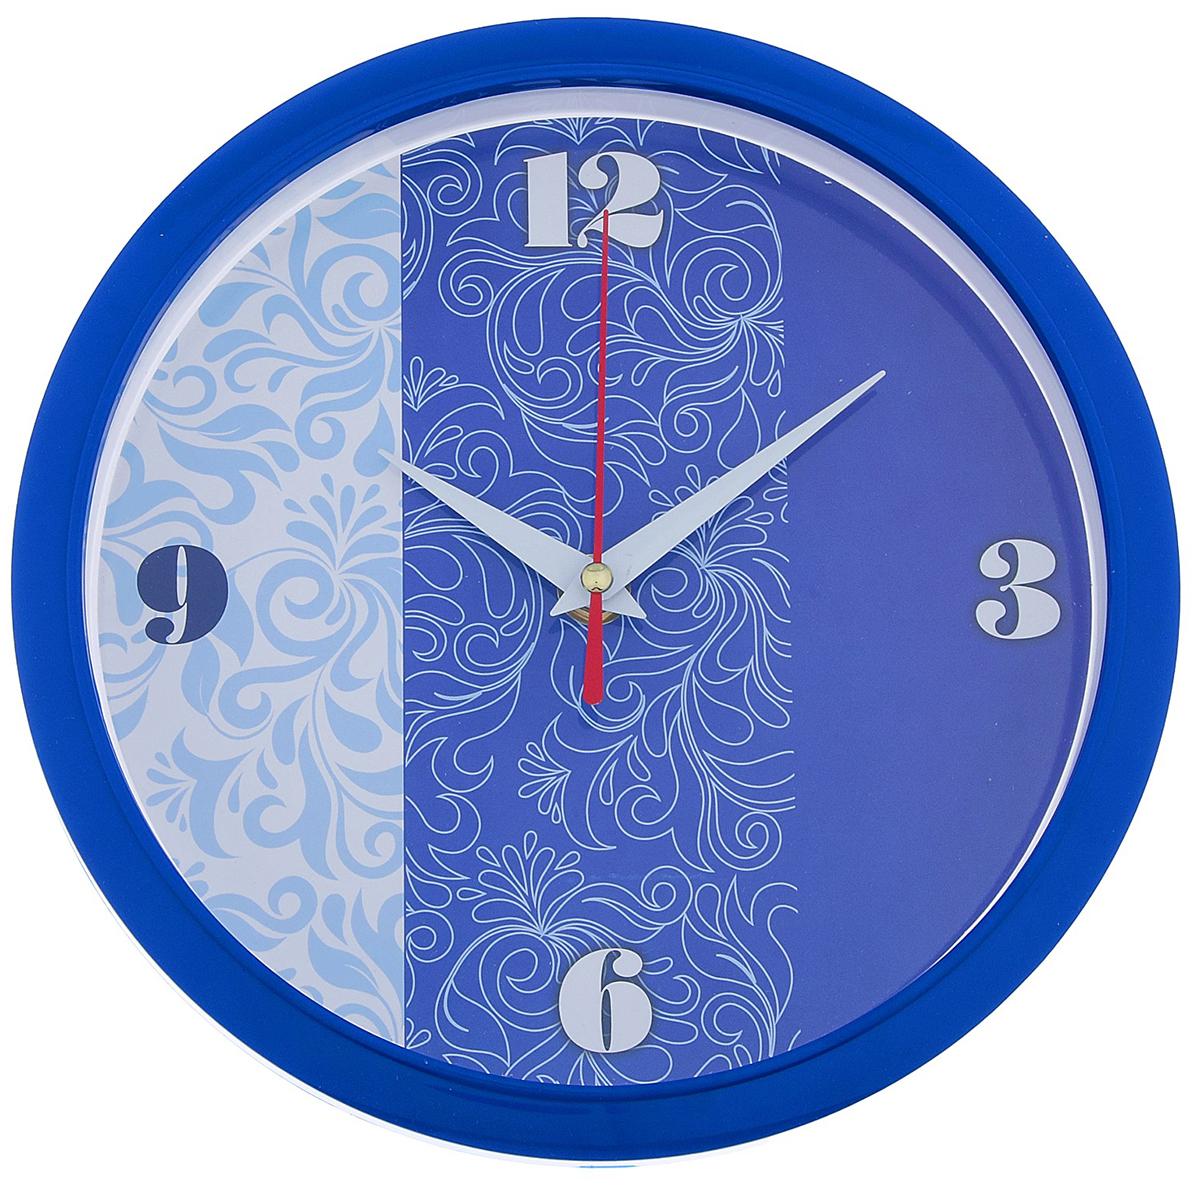 Часы настенные Рубин Узор, цвет: синий, диаметр 22 см2918848Каждому хозяину периодически приходит мысль обновить свою квартиру, сделать ремонт, перестановку или кардинально поменять внешний вид каждой комнаты. — привлекательная деталь, которая поможет воплотить вашу интерьерную идею, создать неповторимую атмосферу в вашем доме. Окружите себя приятными мелочами, пусть они радуют глаз и дарят гармонию.— сувенир в полном смысле этого слова. И главная его задача — хранить воспоминание о месте, где вы побывали, или о том человеке, который подарил данный предмет. Преподнесите эту вещь своему другу, и она станет достойным украшением его дома.Часы настенные круглые Узор, 22 см, обод синий 2918848